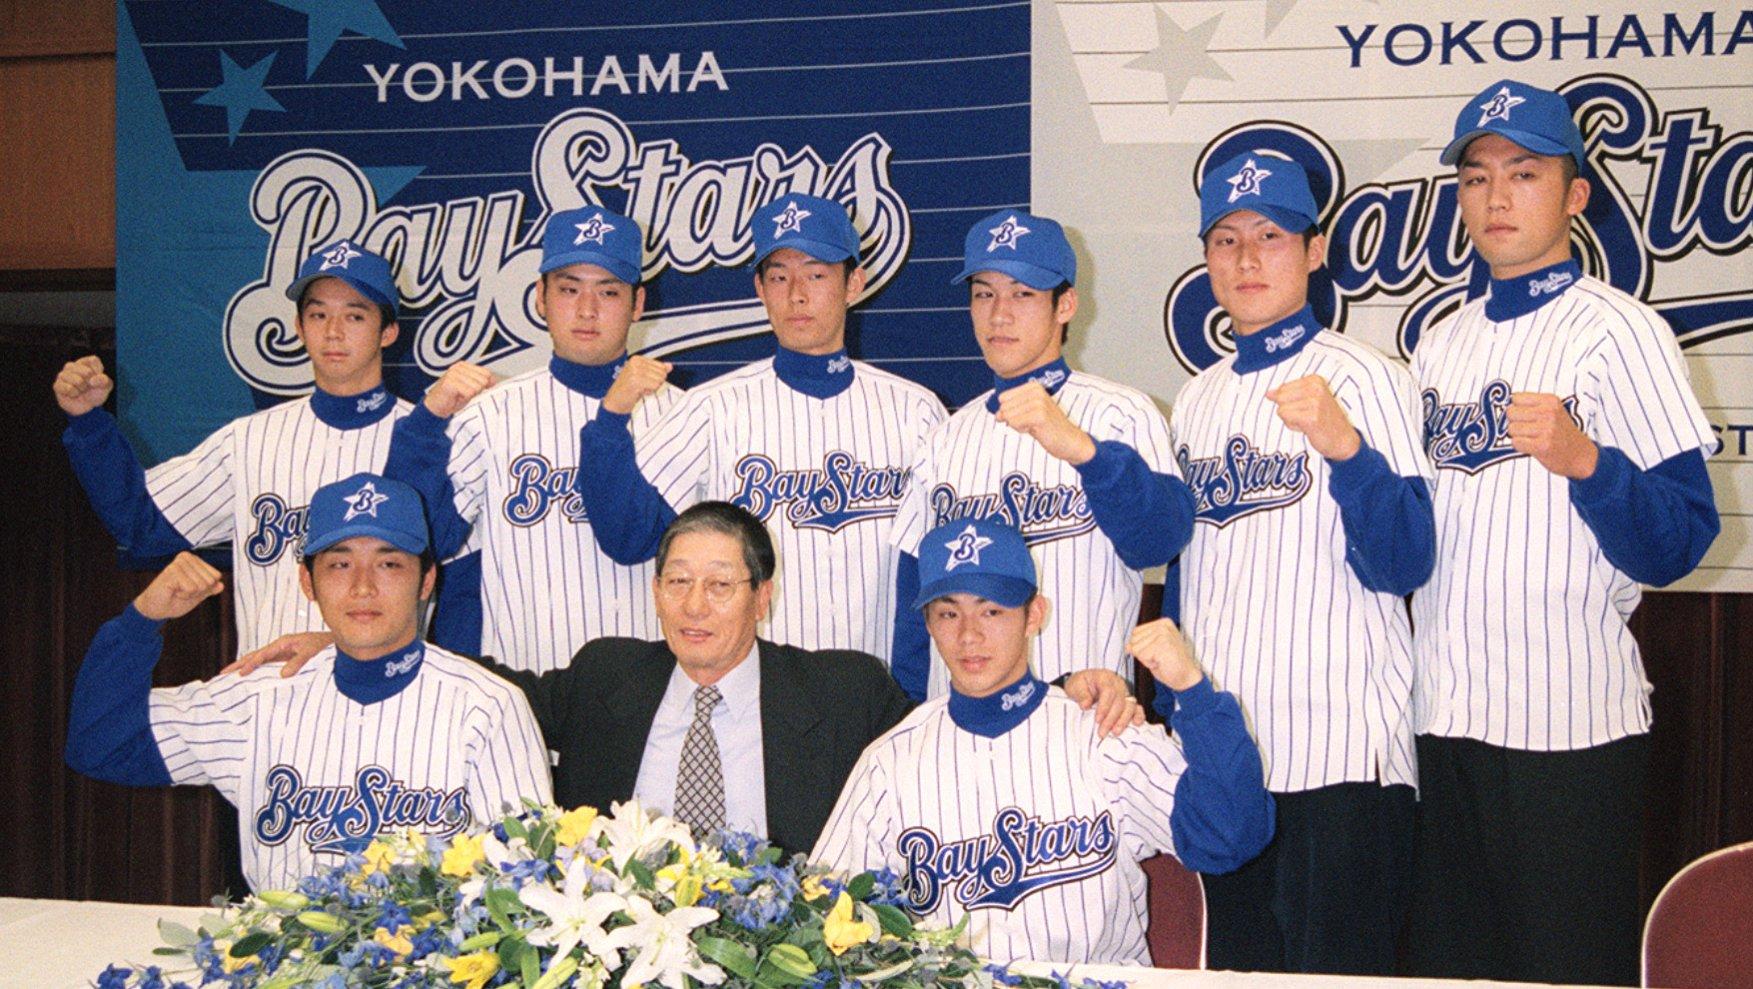 1999年ドラフト組の入団位会見。前列左が木塚コーチ、後列一番右にいるのが中野渡氏だ ©︎Kyodo News